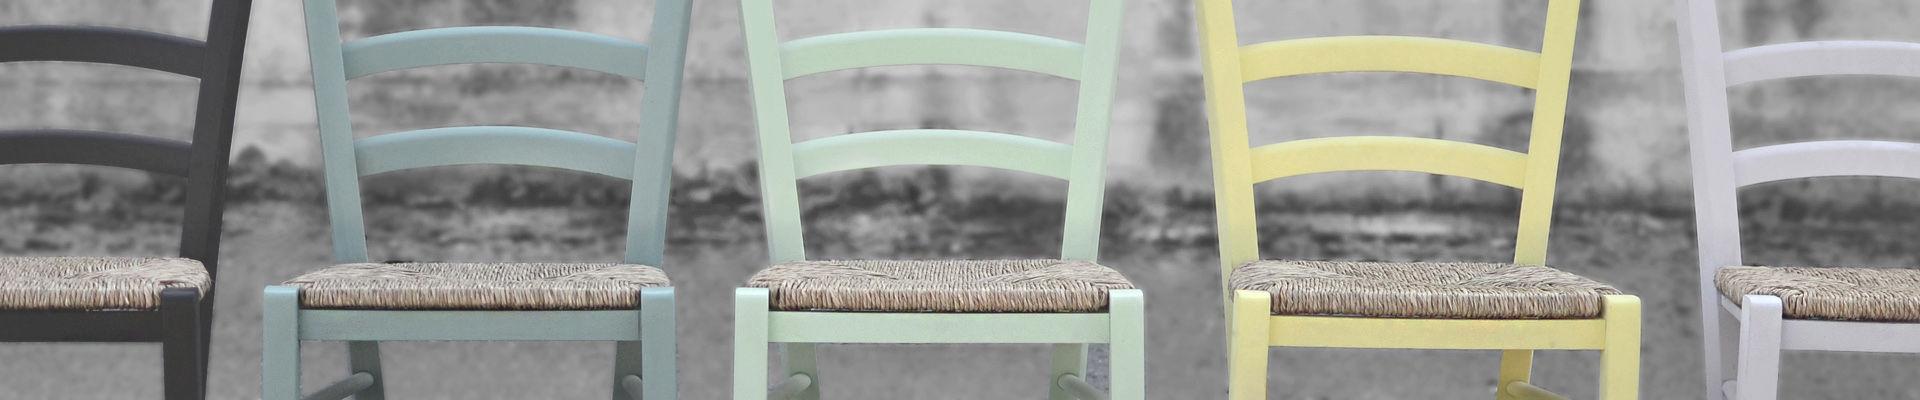 colour chair b&w2